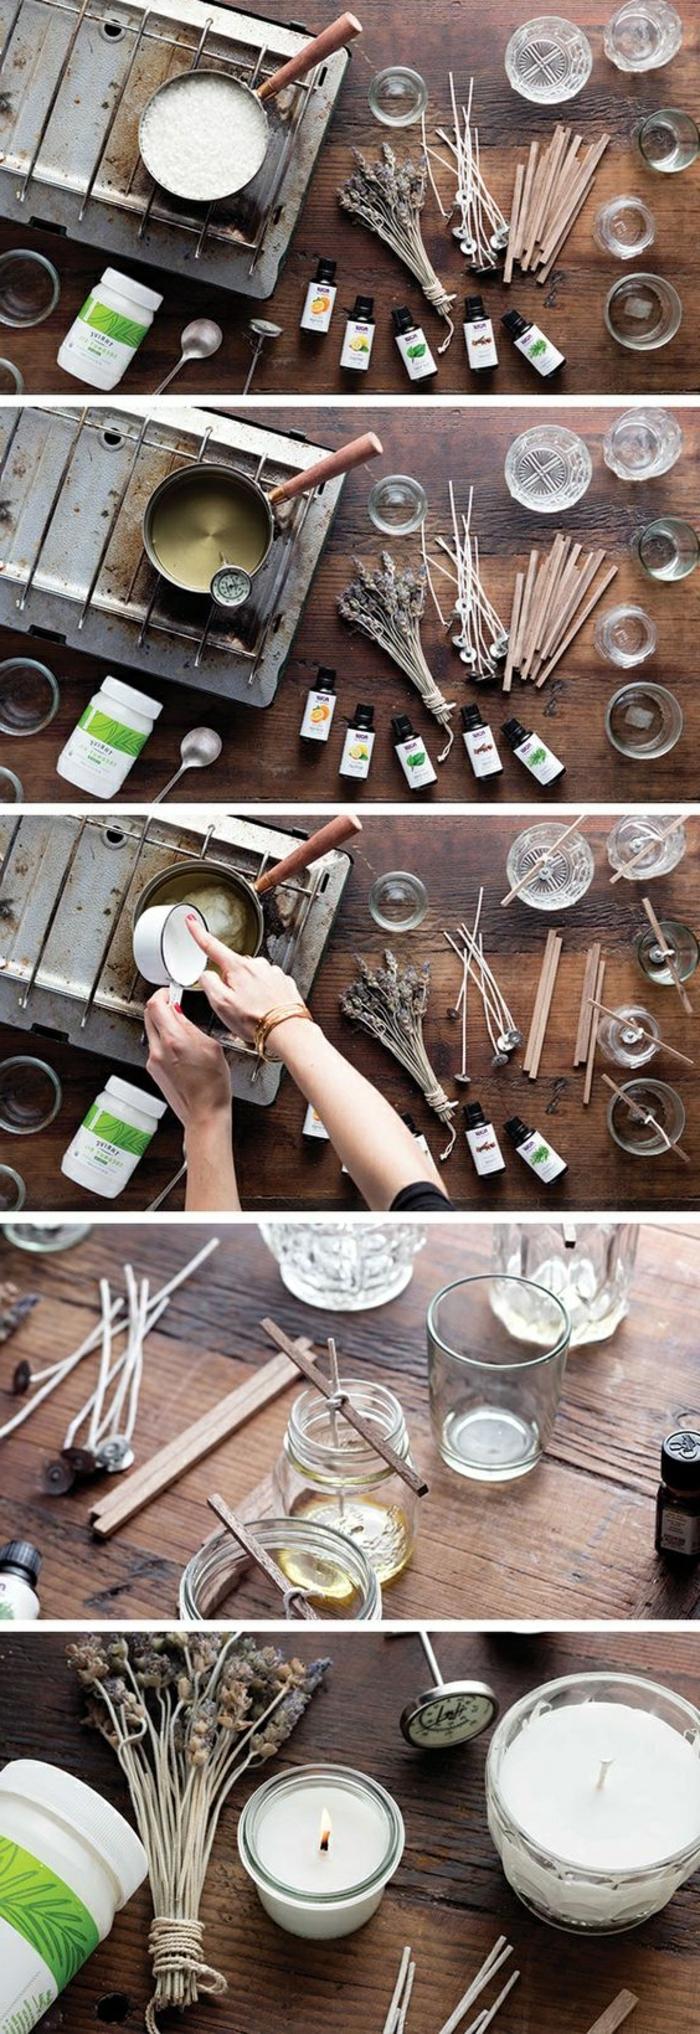 manualidades para niños y adultos, ideas sobre cómo hacer velas aromáticas caseras paso a paso